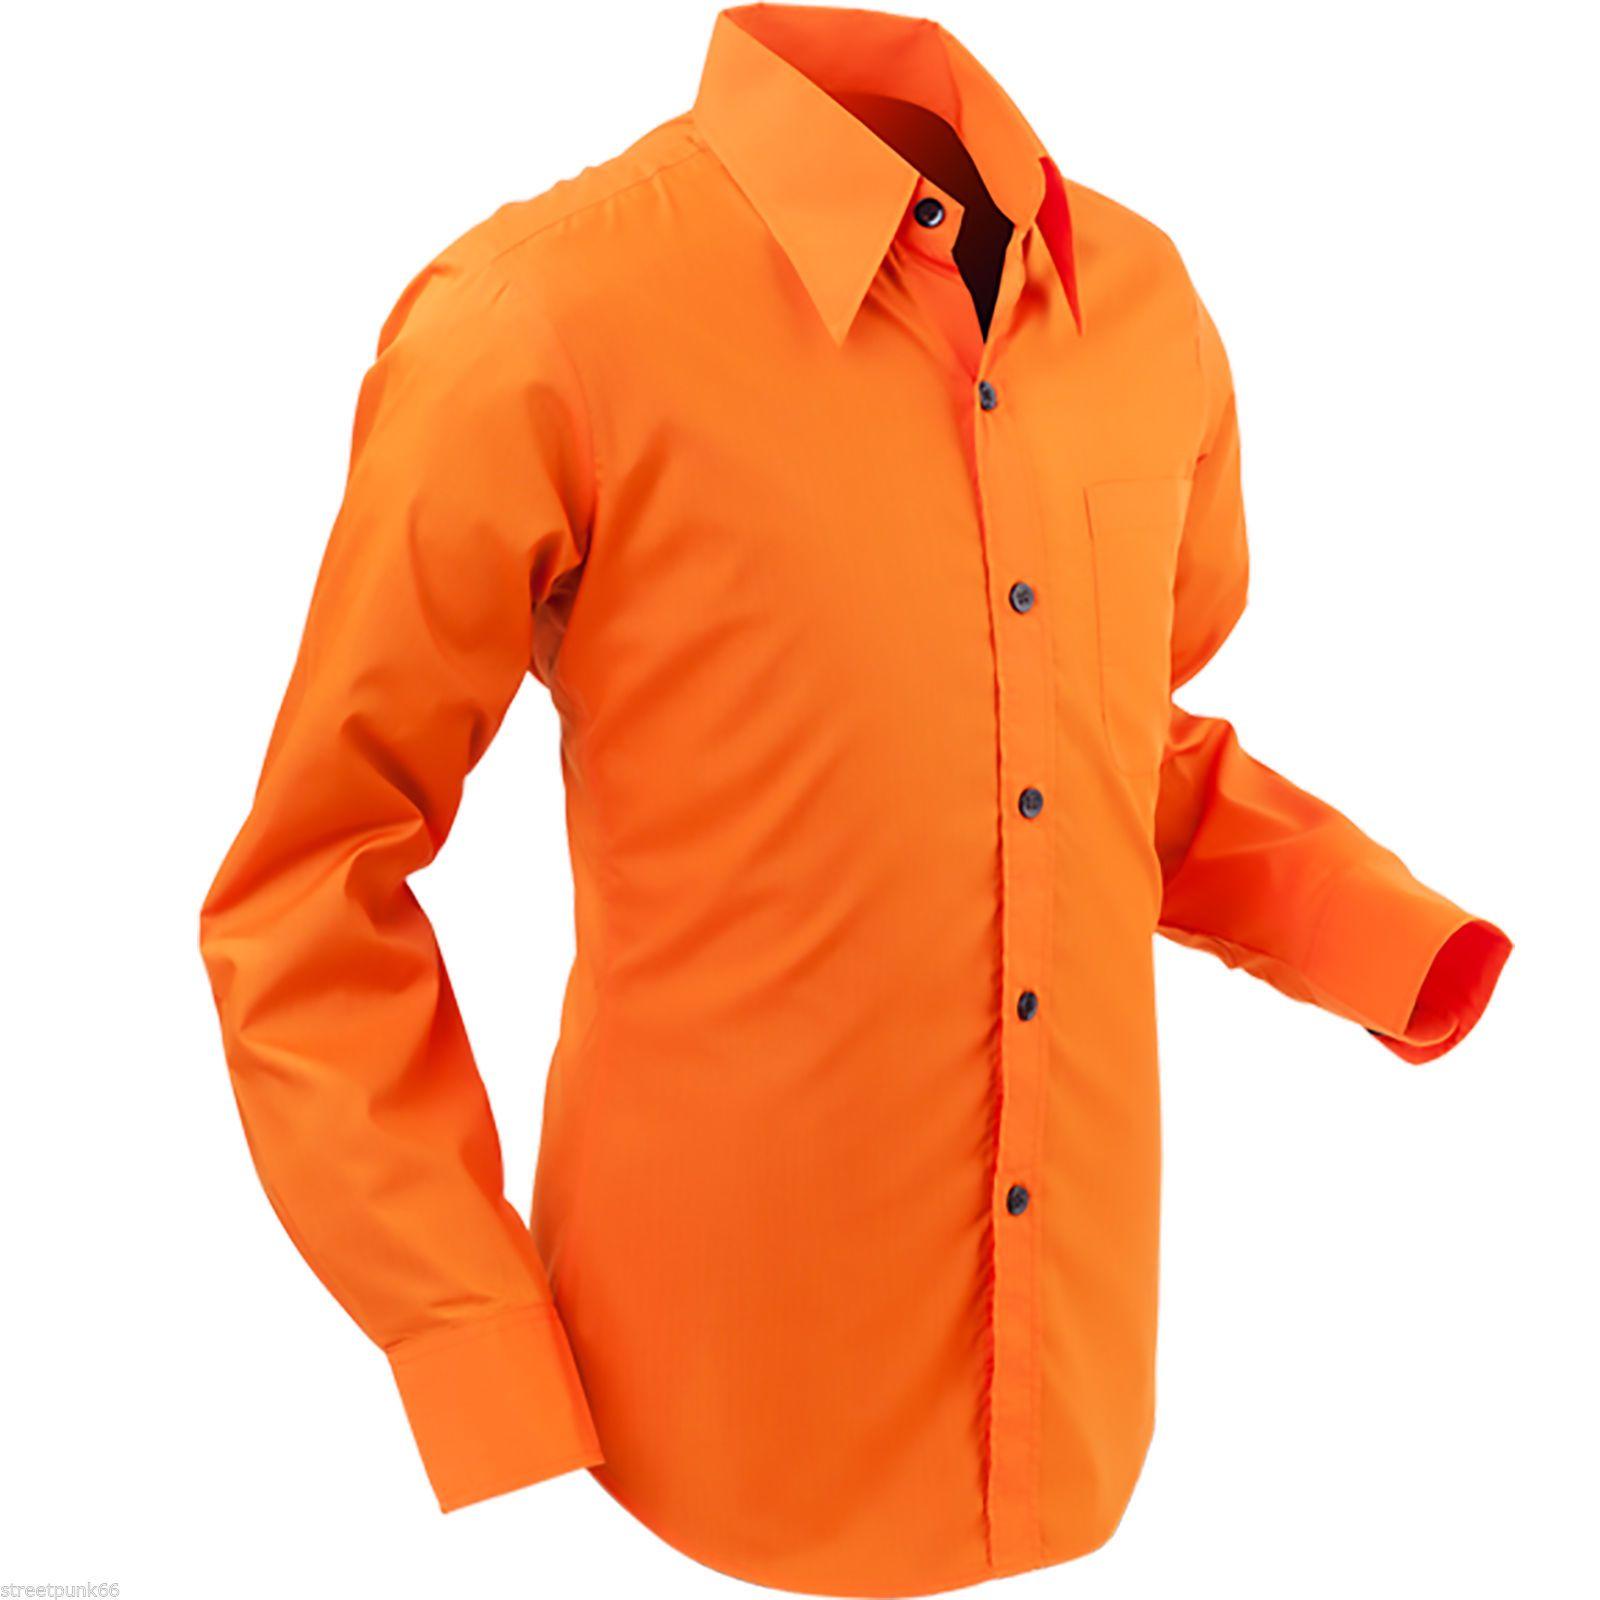 Chenaski Mens Orange Retro 70 s Styled Plain Coloured ...